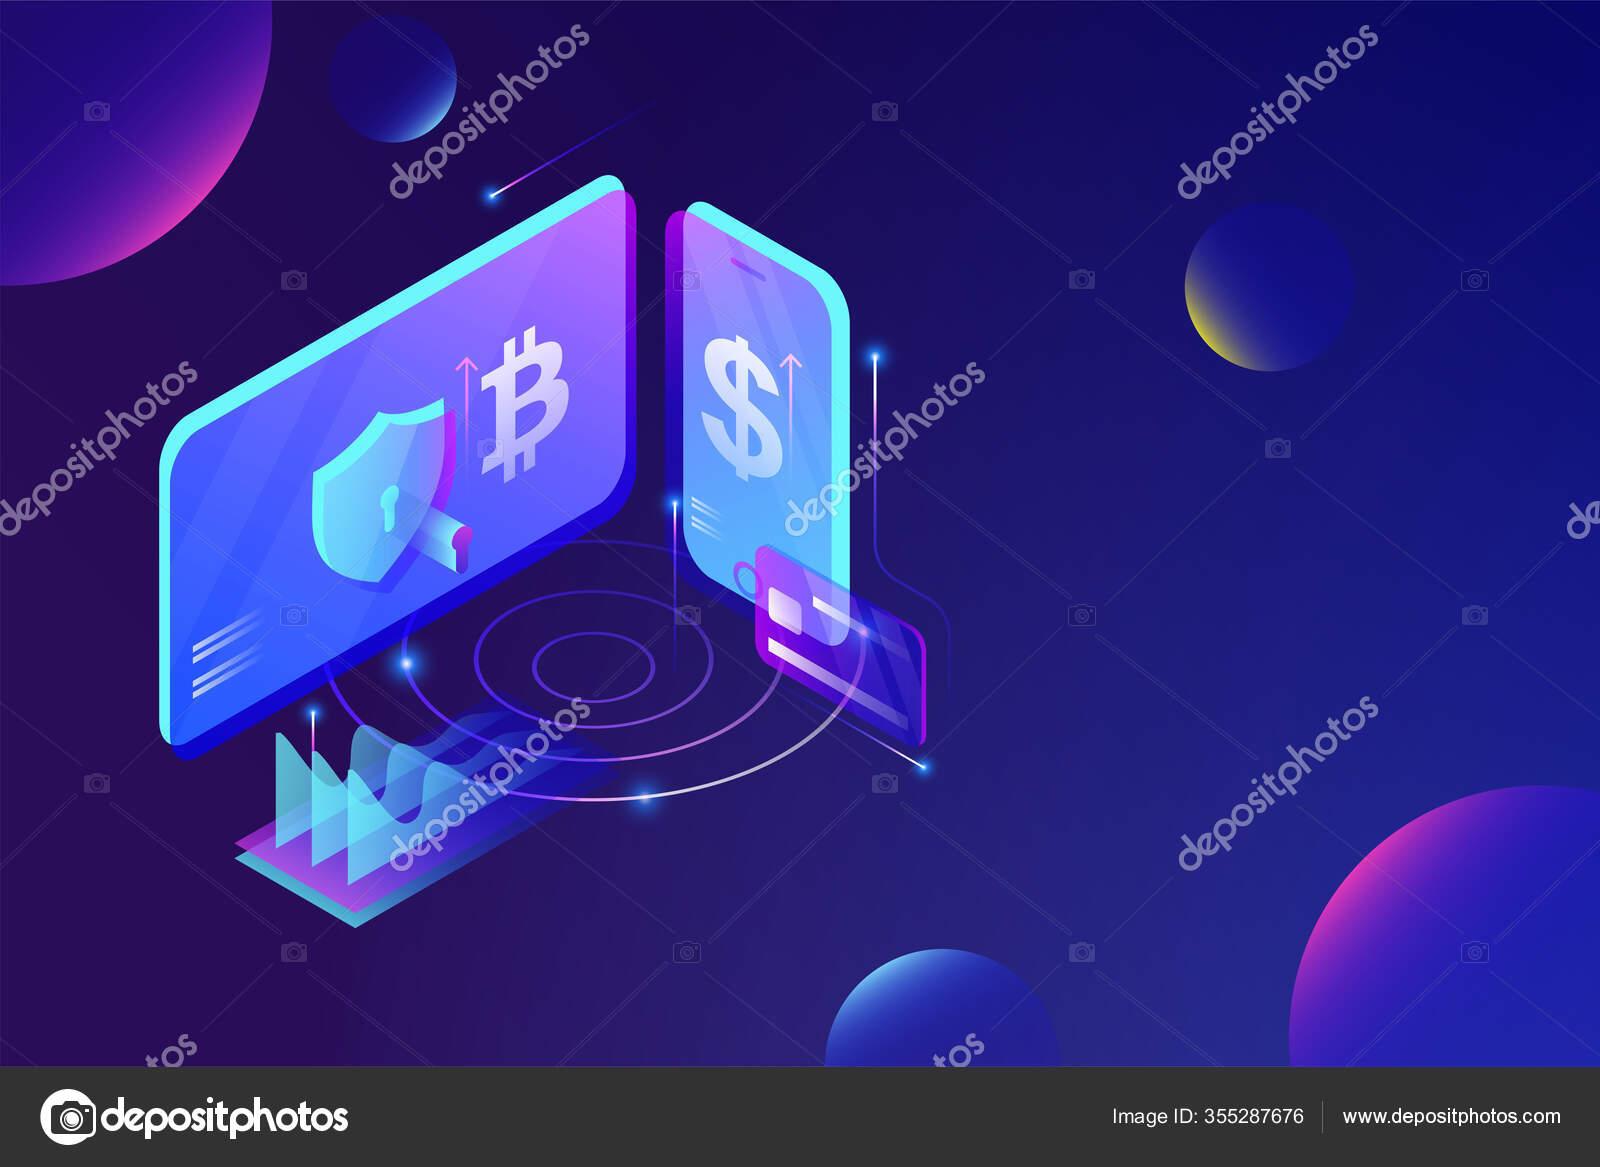 negociação de criptomoeda digital trader bitcoin mexico